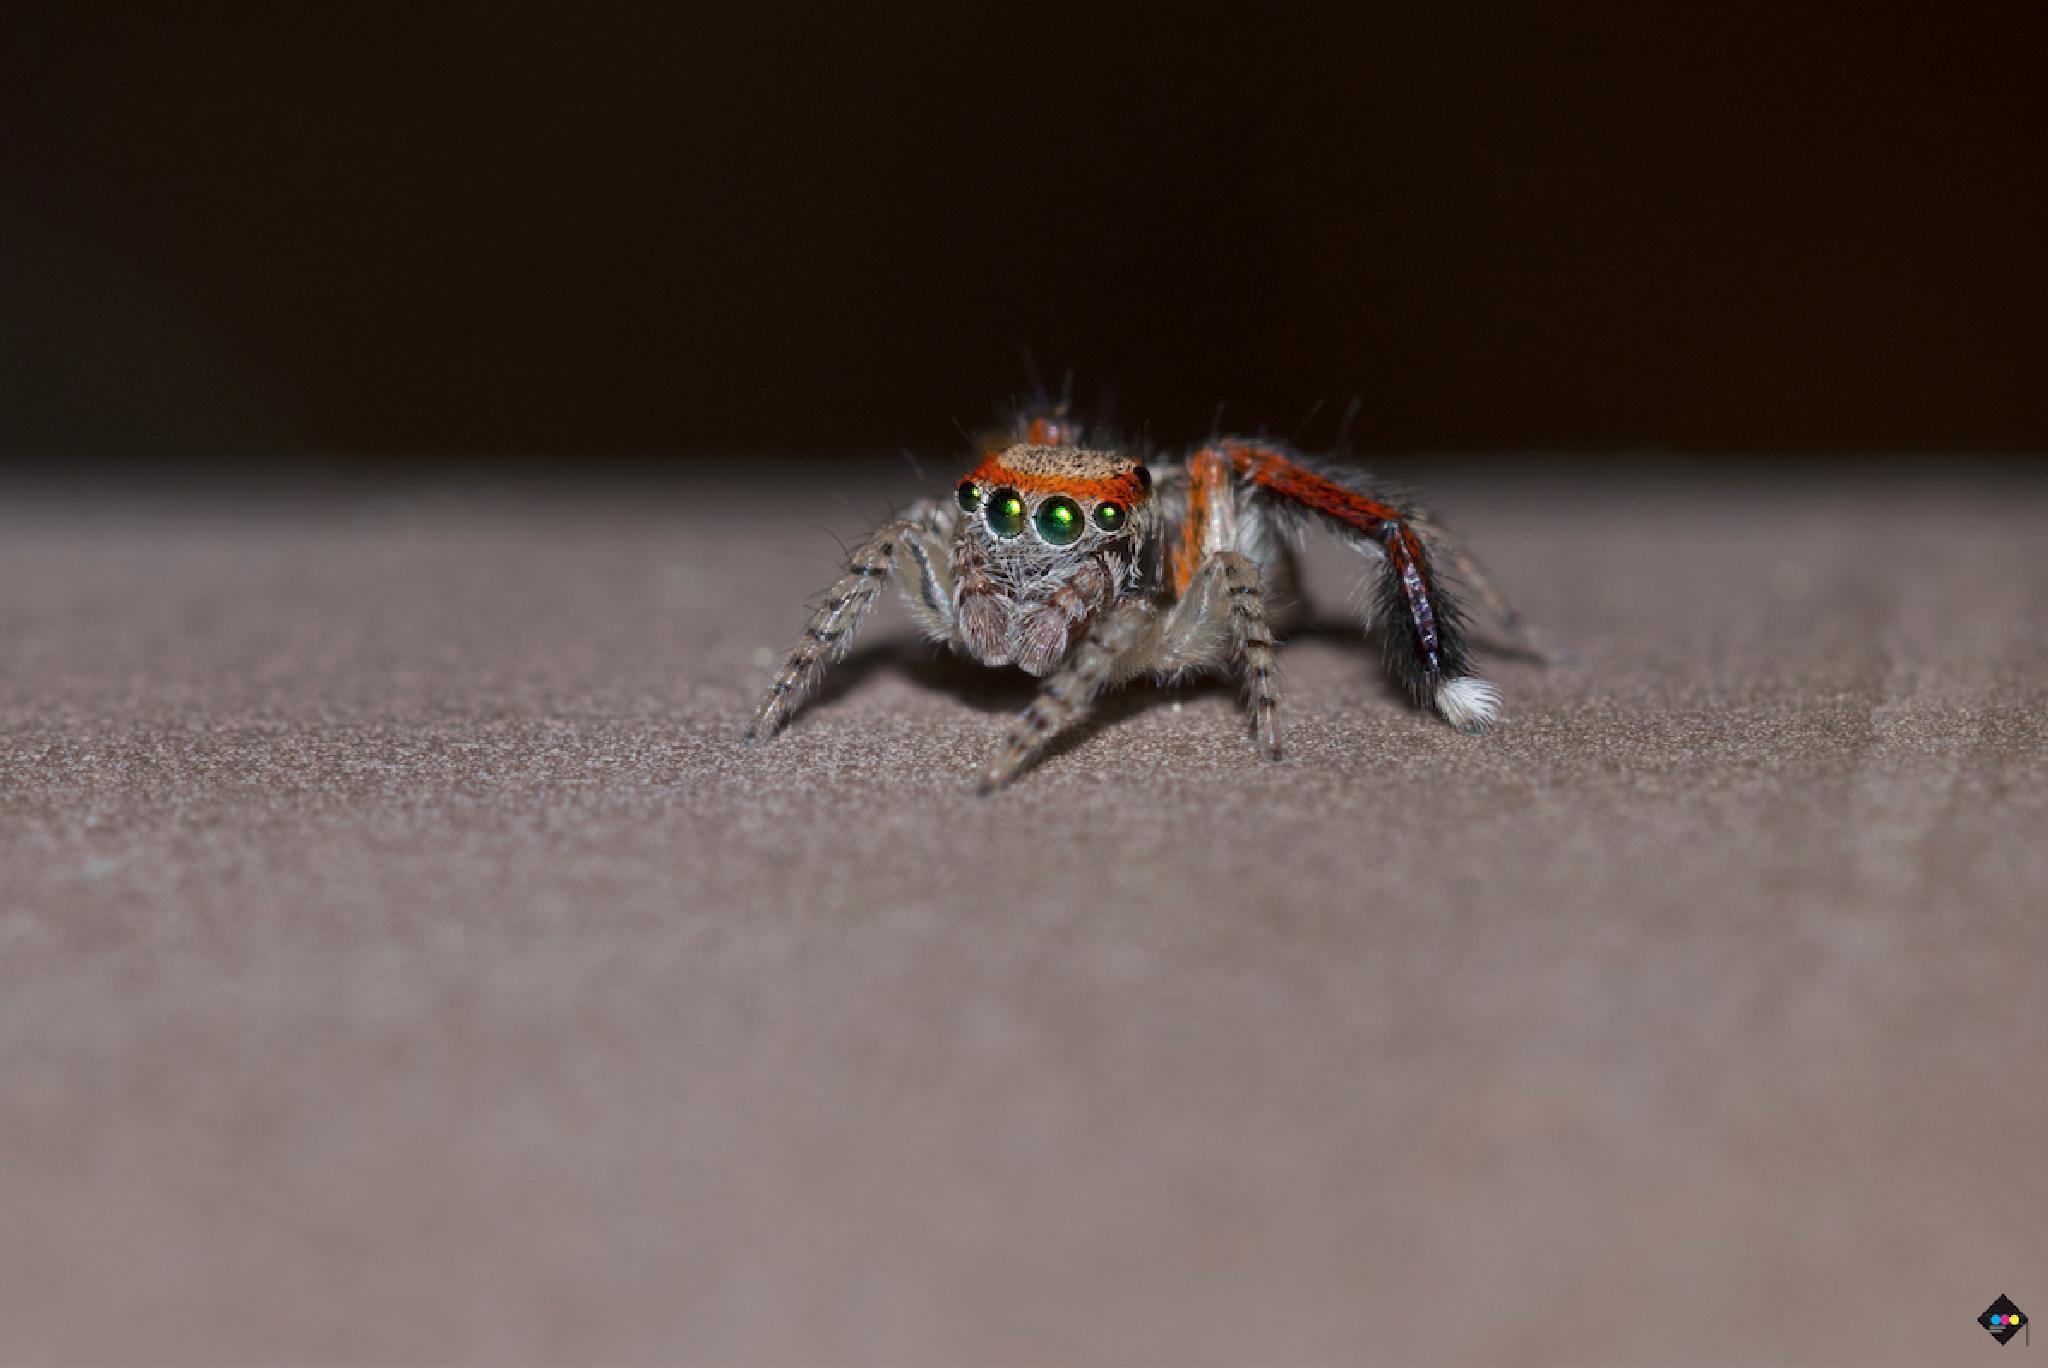 Jumping spider by AmandineHerrero